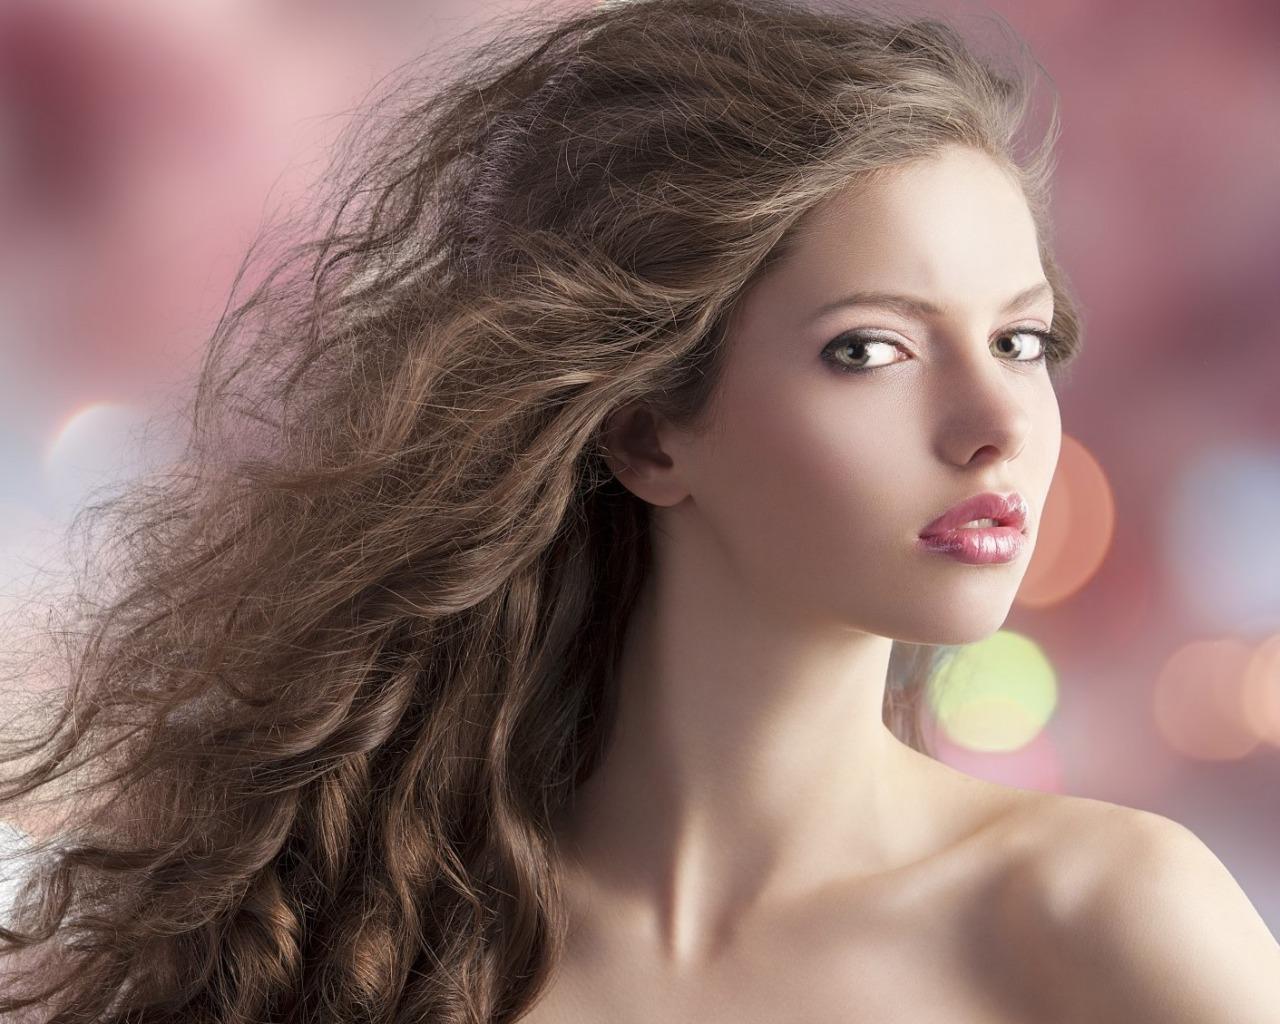 Девушка с роскошными волосами и красивым макияжем